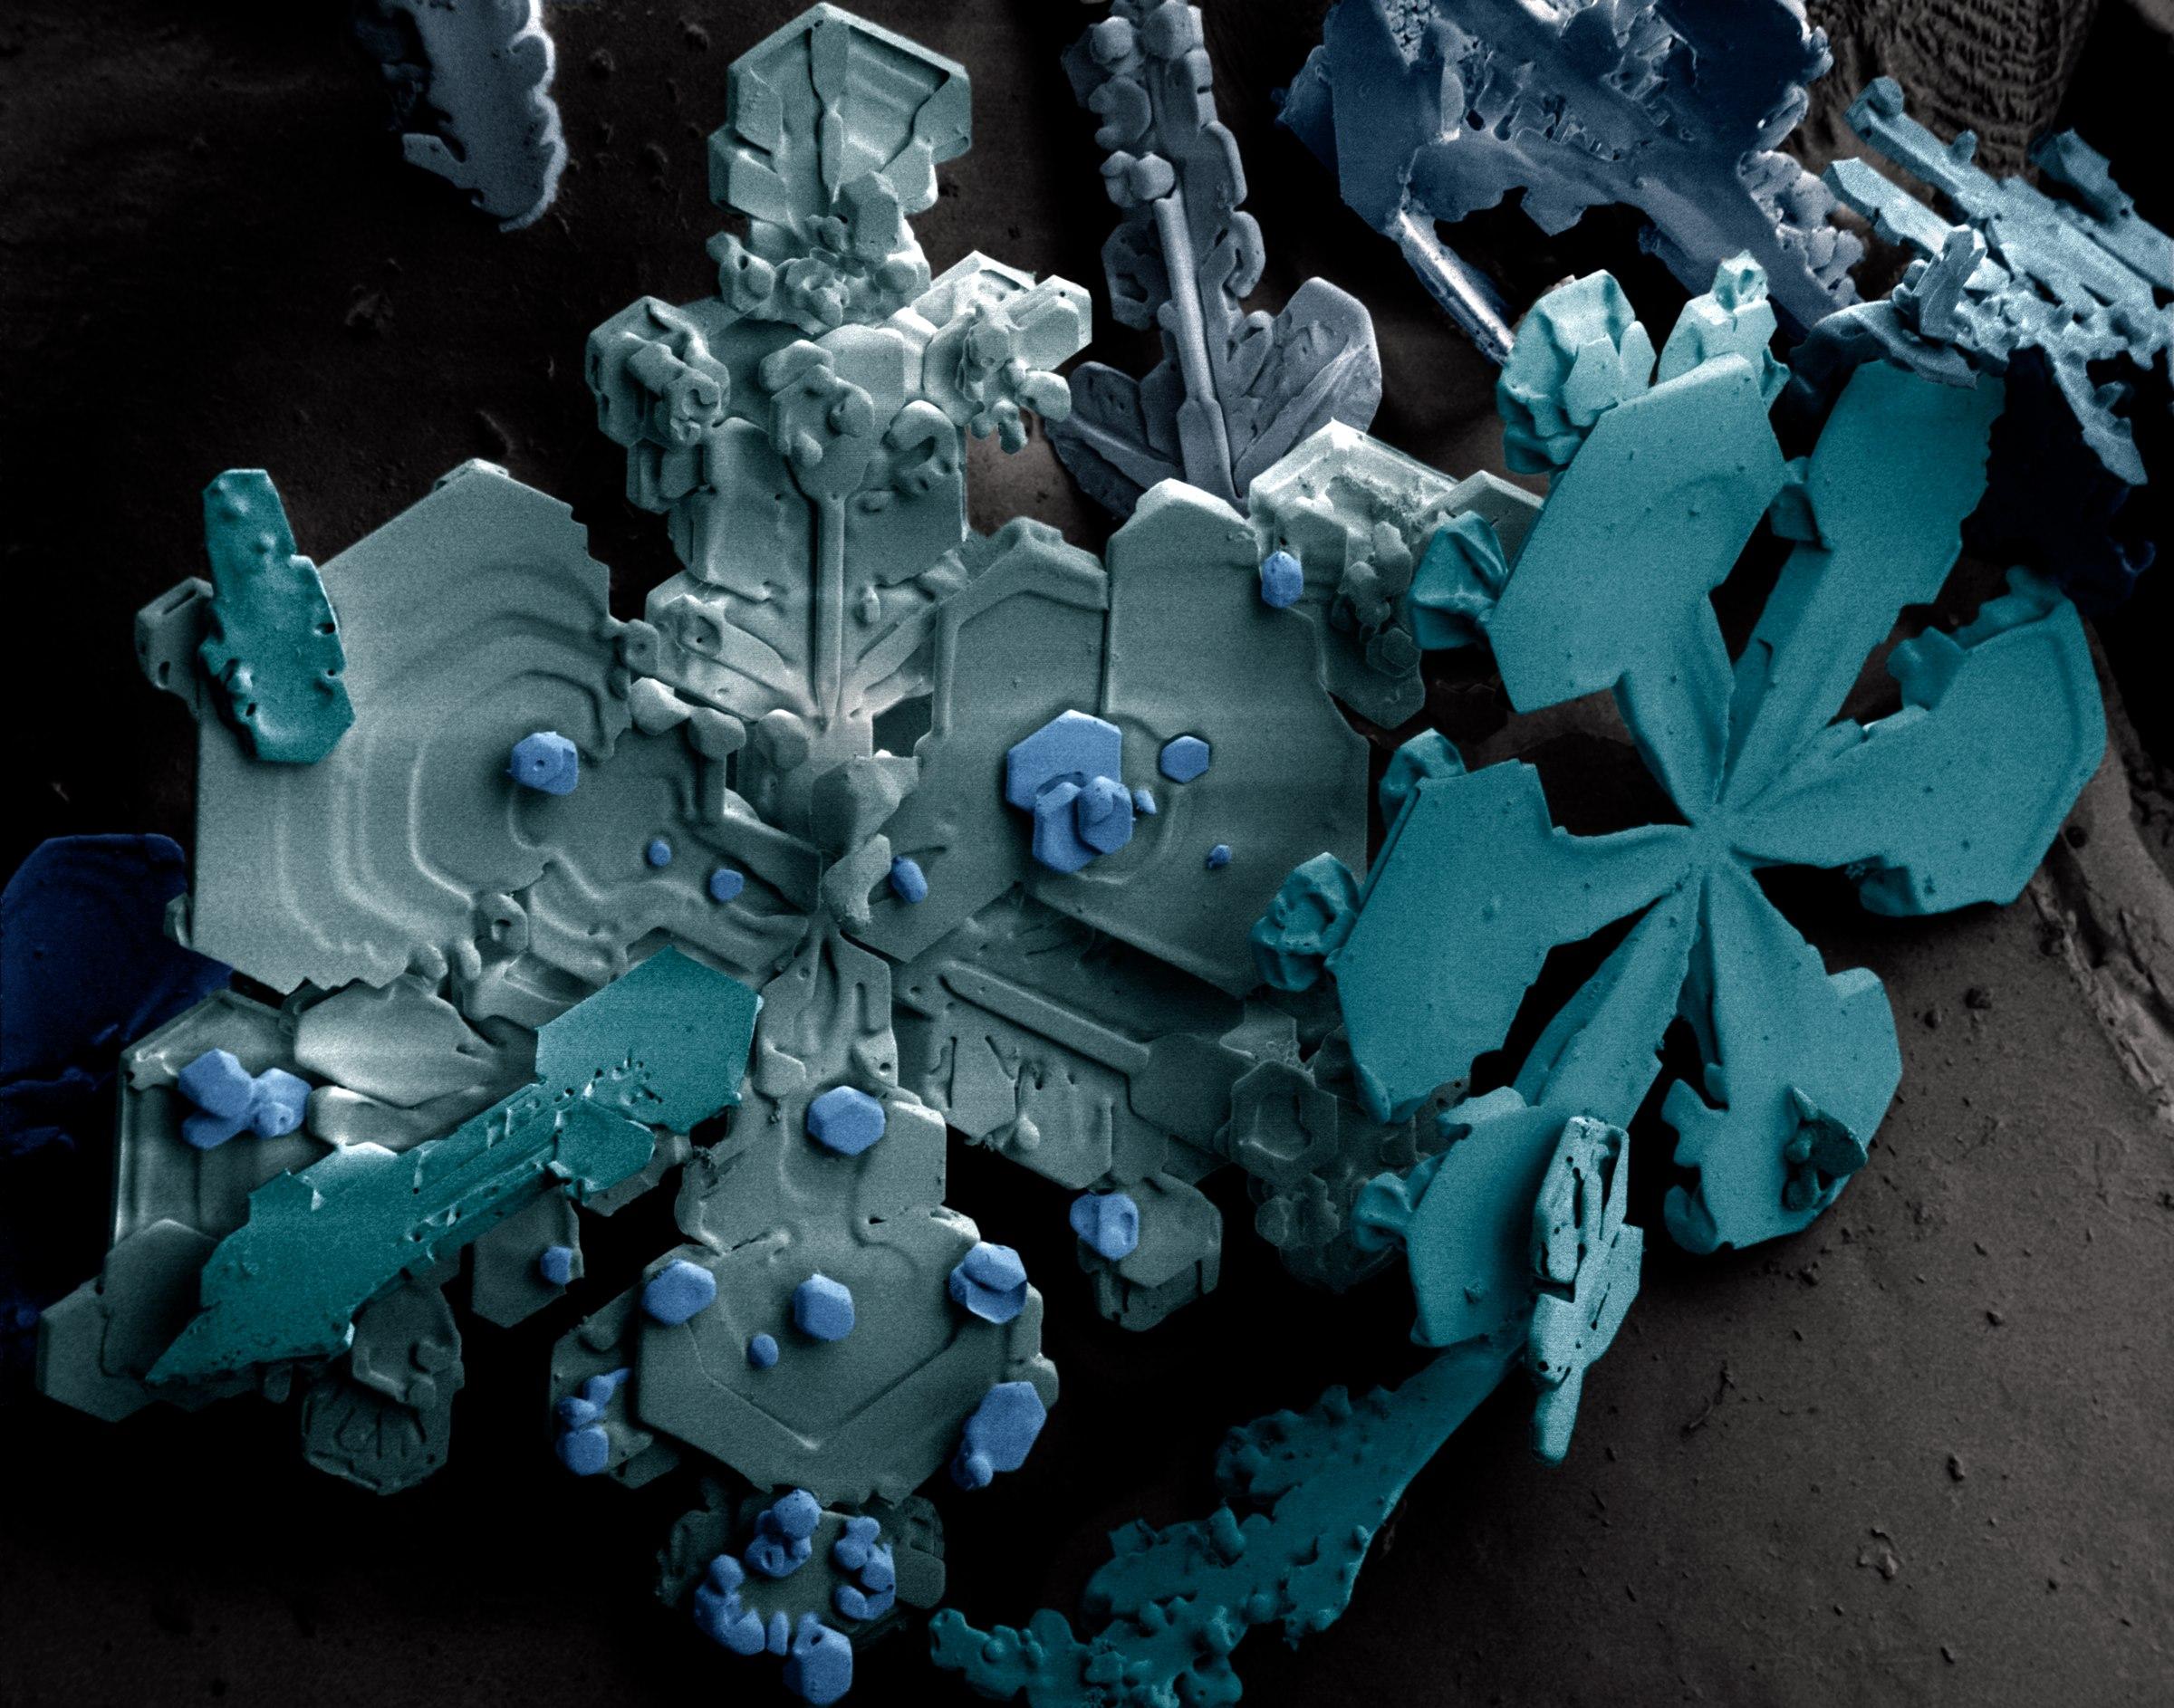 Schneekristalle bild unbekannt großbild klick